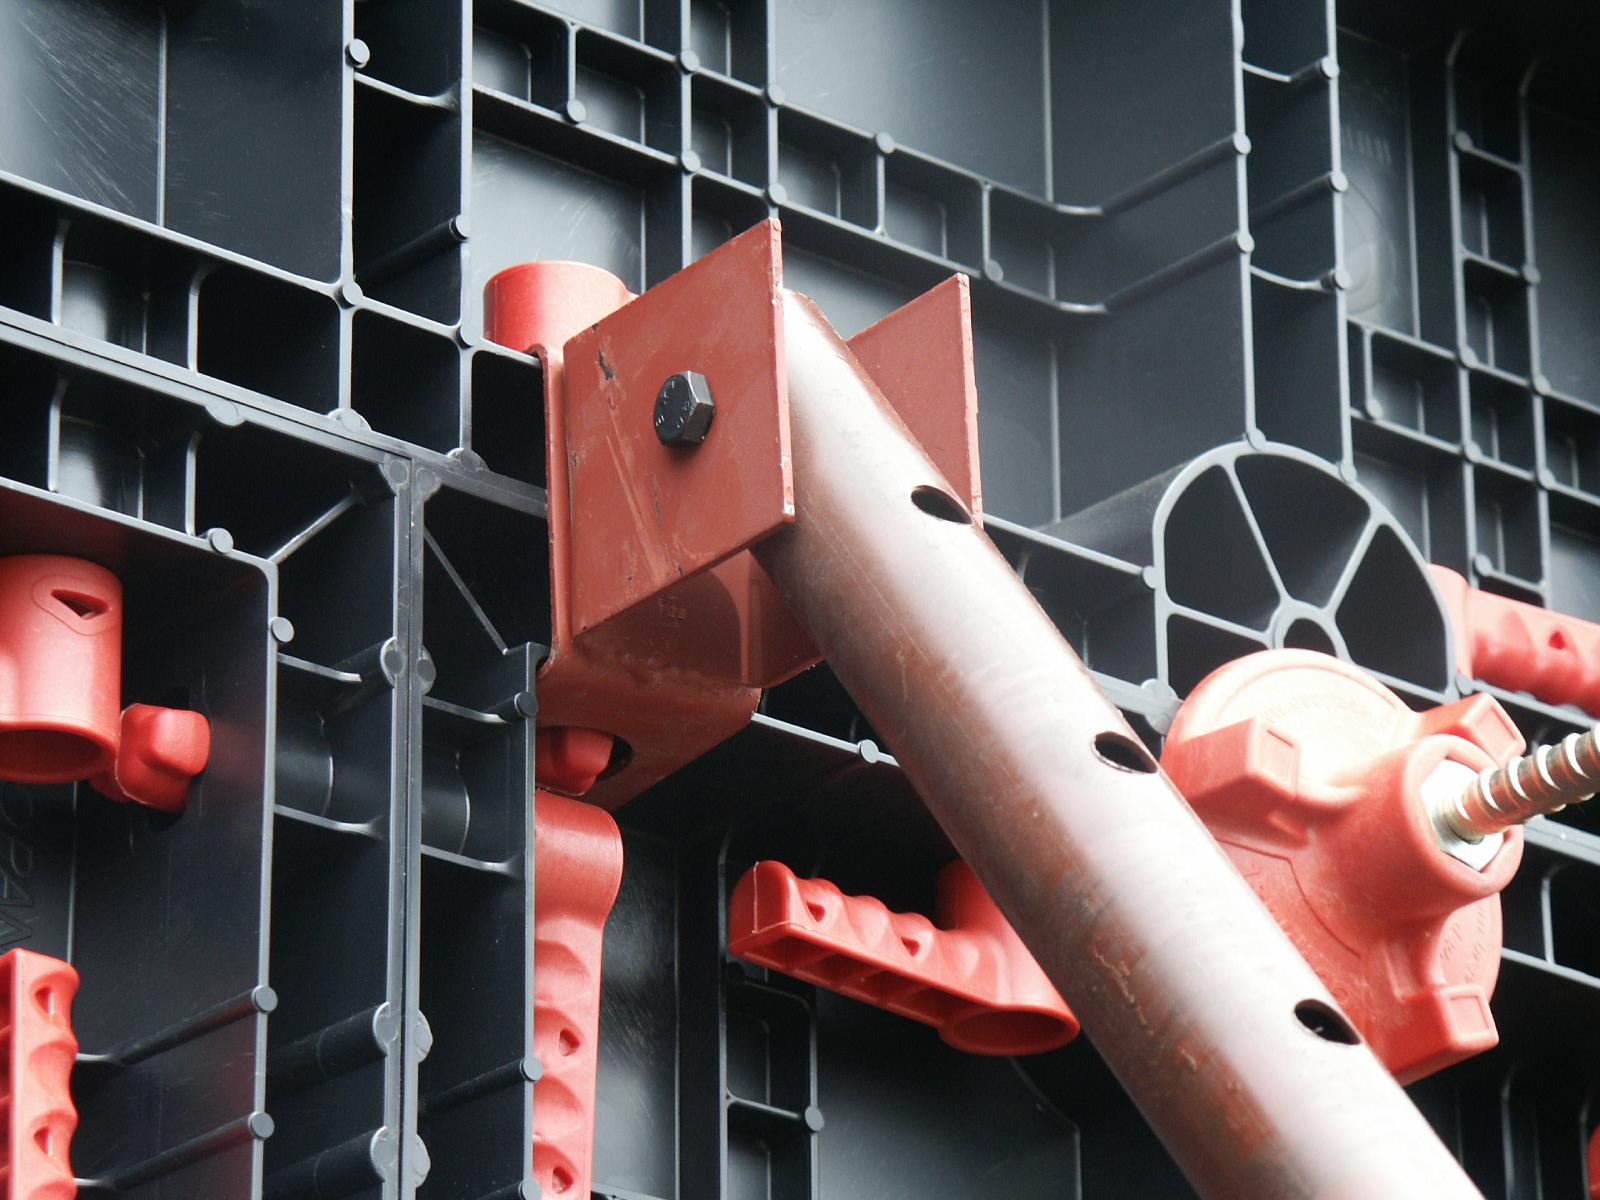 Cofraje refolosibile din material plastic pentru zidari GEOPLAST - Poza 1